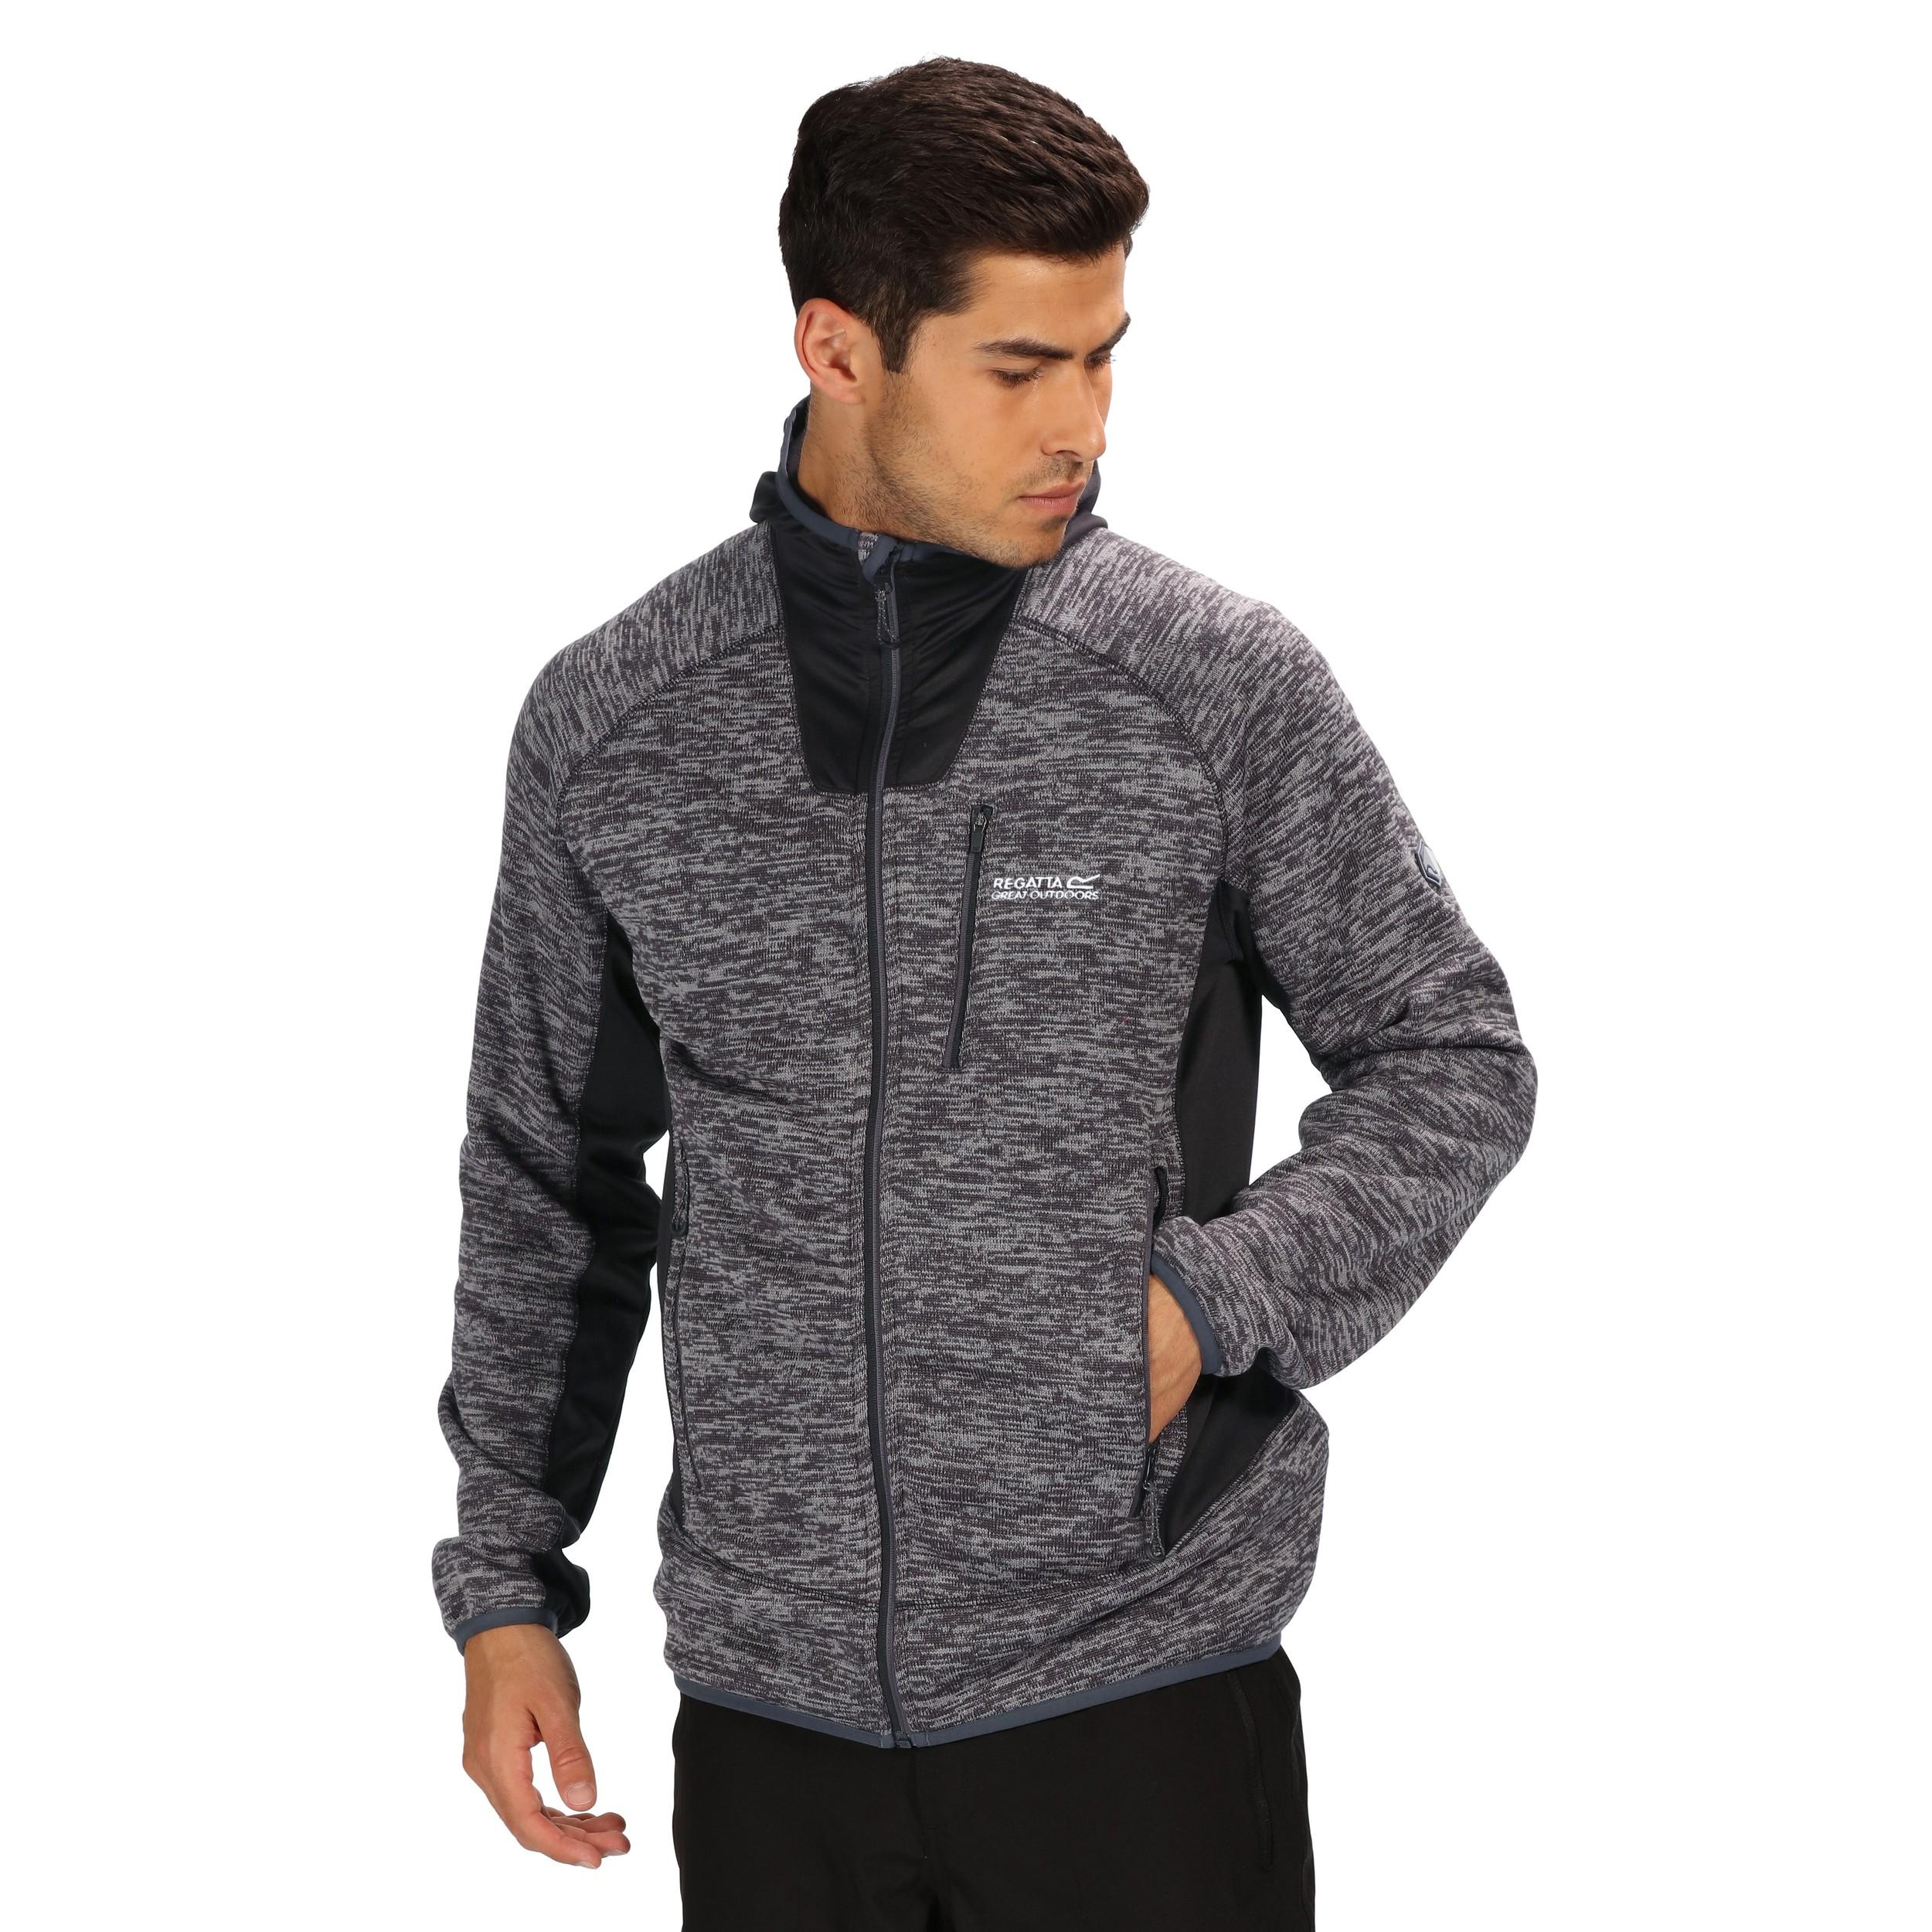 Regatta Cartersville V Mens Full Zip Stretch Hooded Fleece Jacket RRP £70